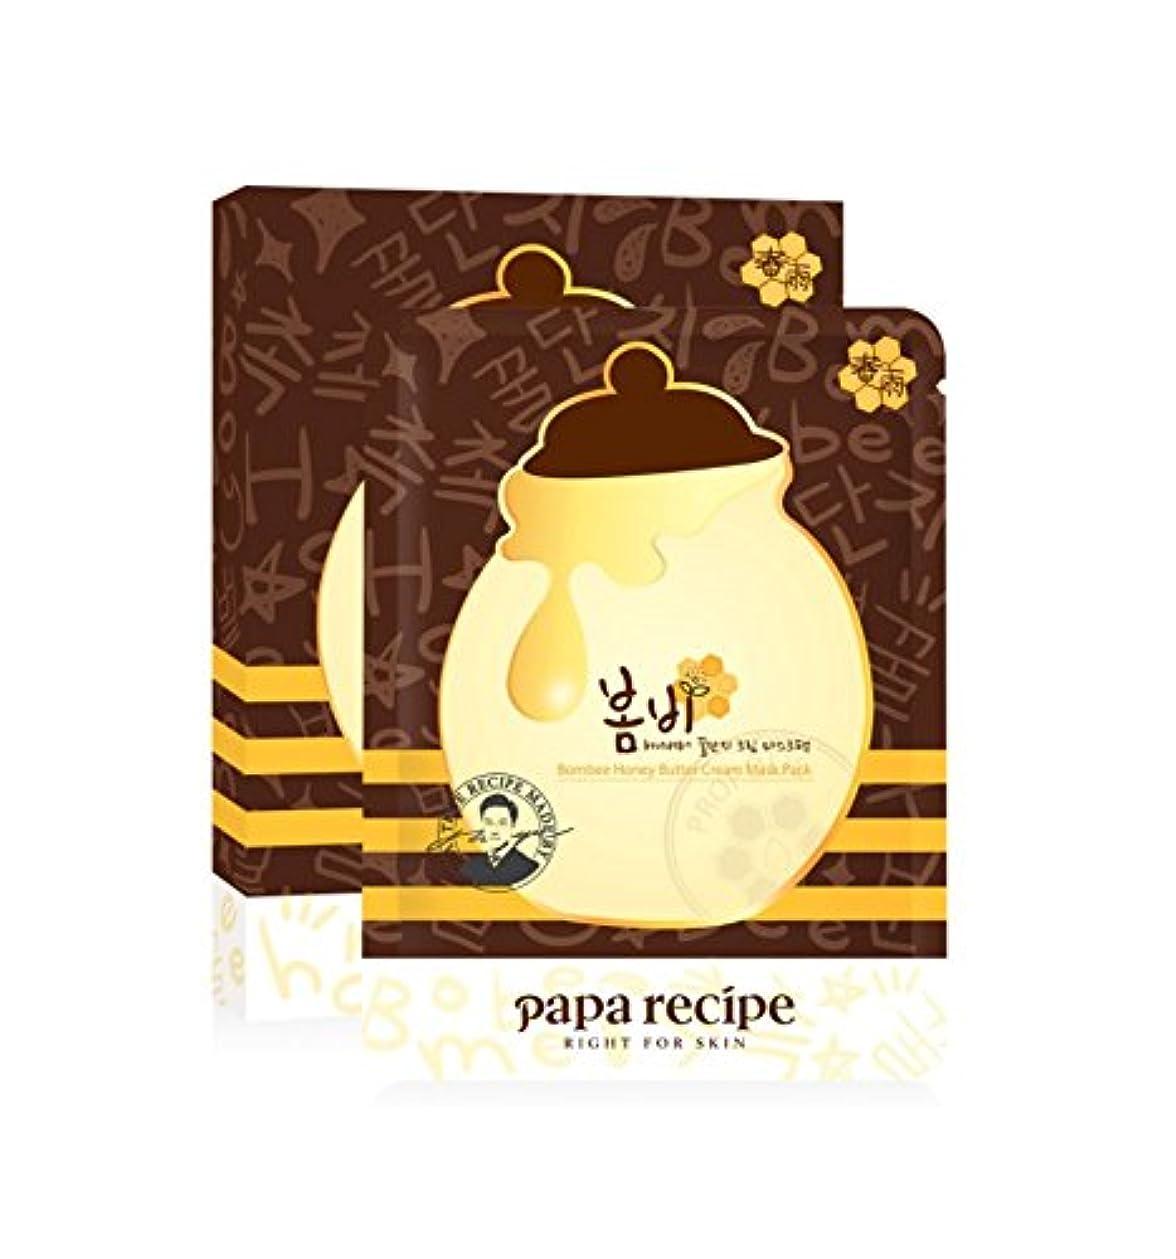 サンスマイル パパレシピ Paparecipe ボムビーハニーバター乳液マスク 20ml×5枚(箱入り)